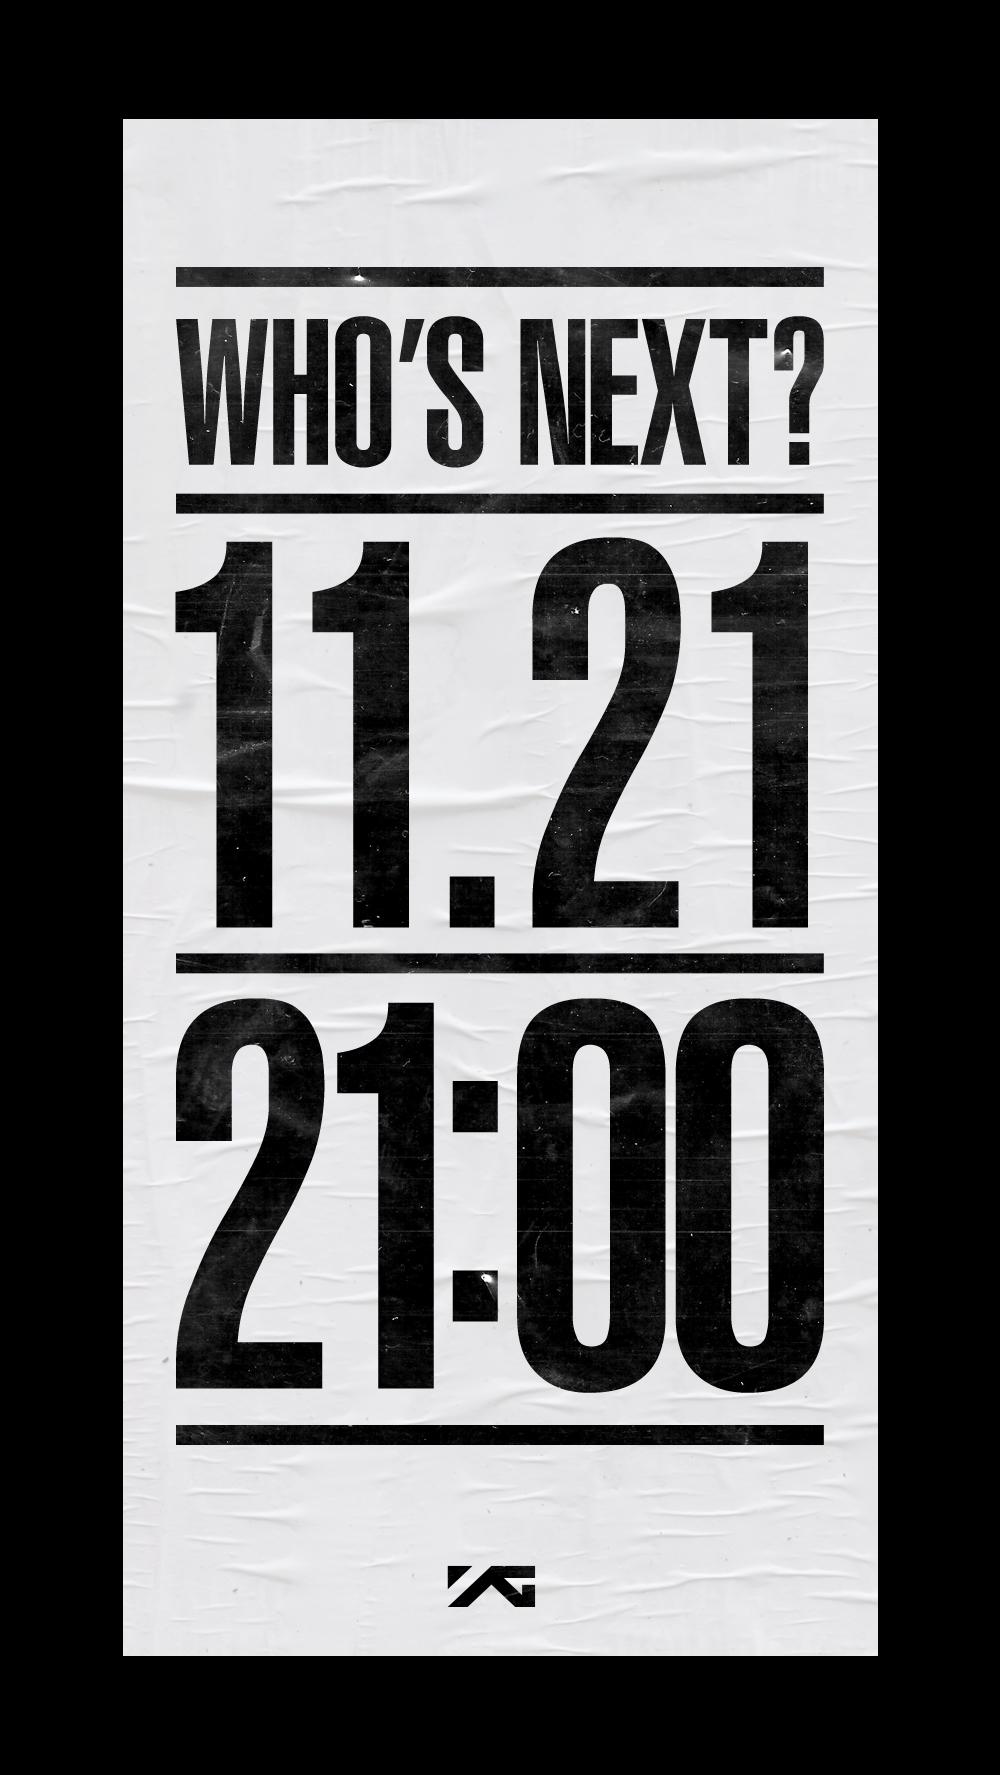 就在不久前,YG的網站上出現了這個預告!時間選在21日,公布日期是晚上9點(21點)!這麼敏感的數字,大家就在猜,該不會是2NE1的回歸吧?